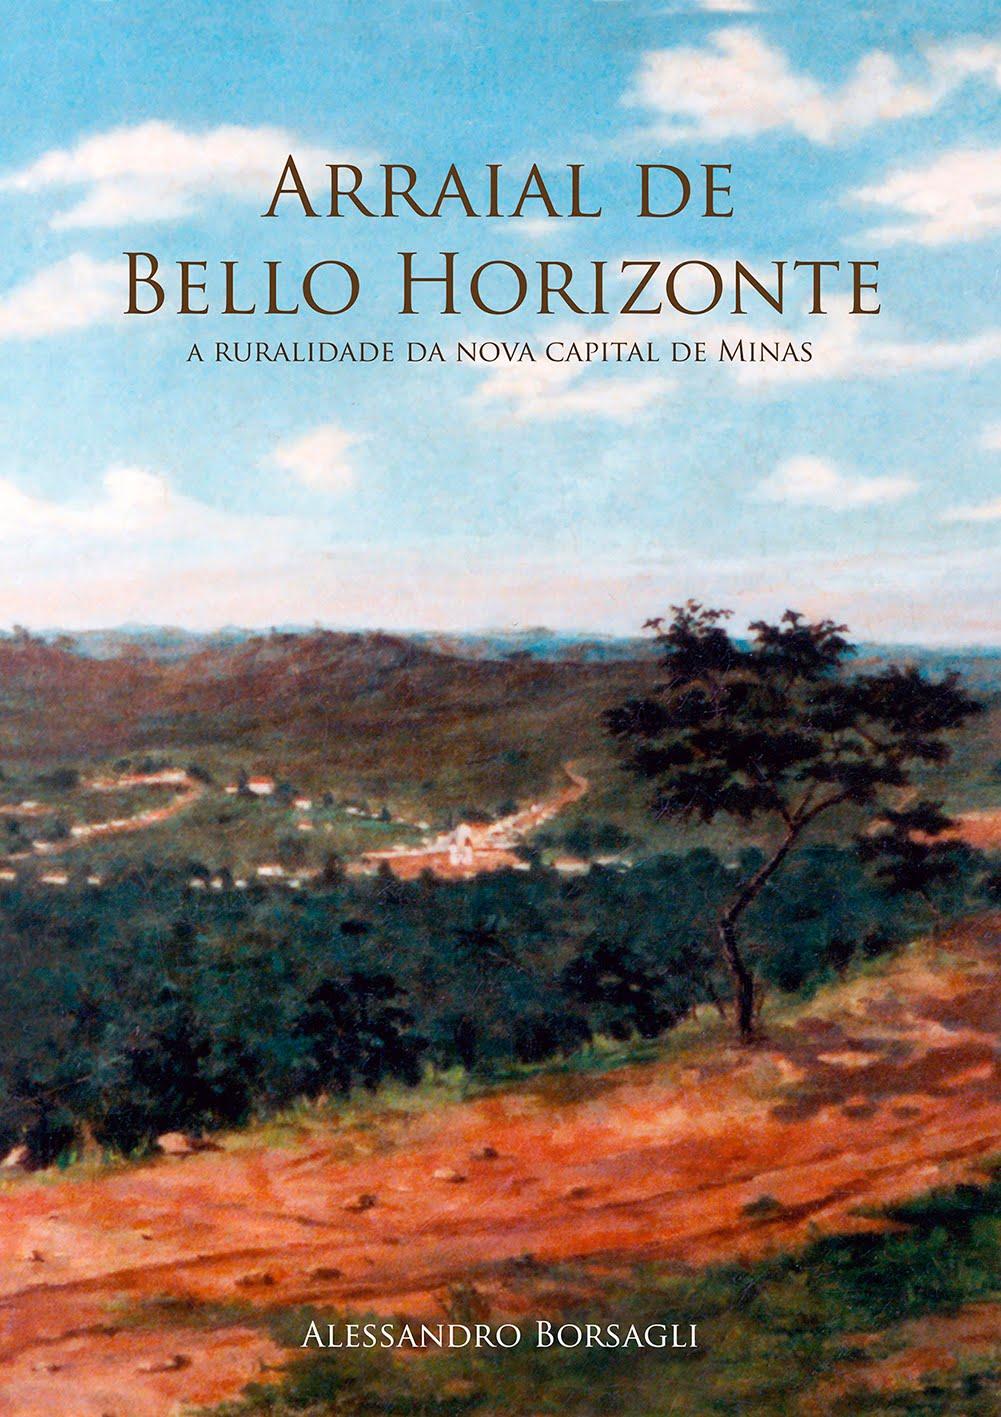 Livro Arraial de Bello Horizonte